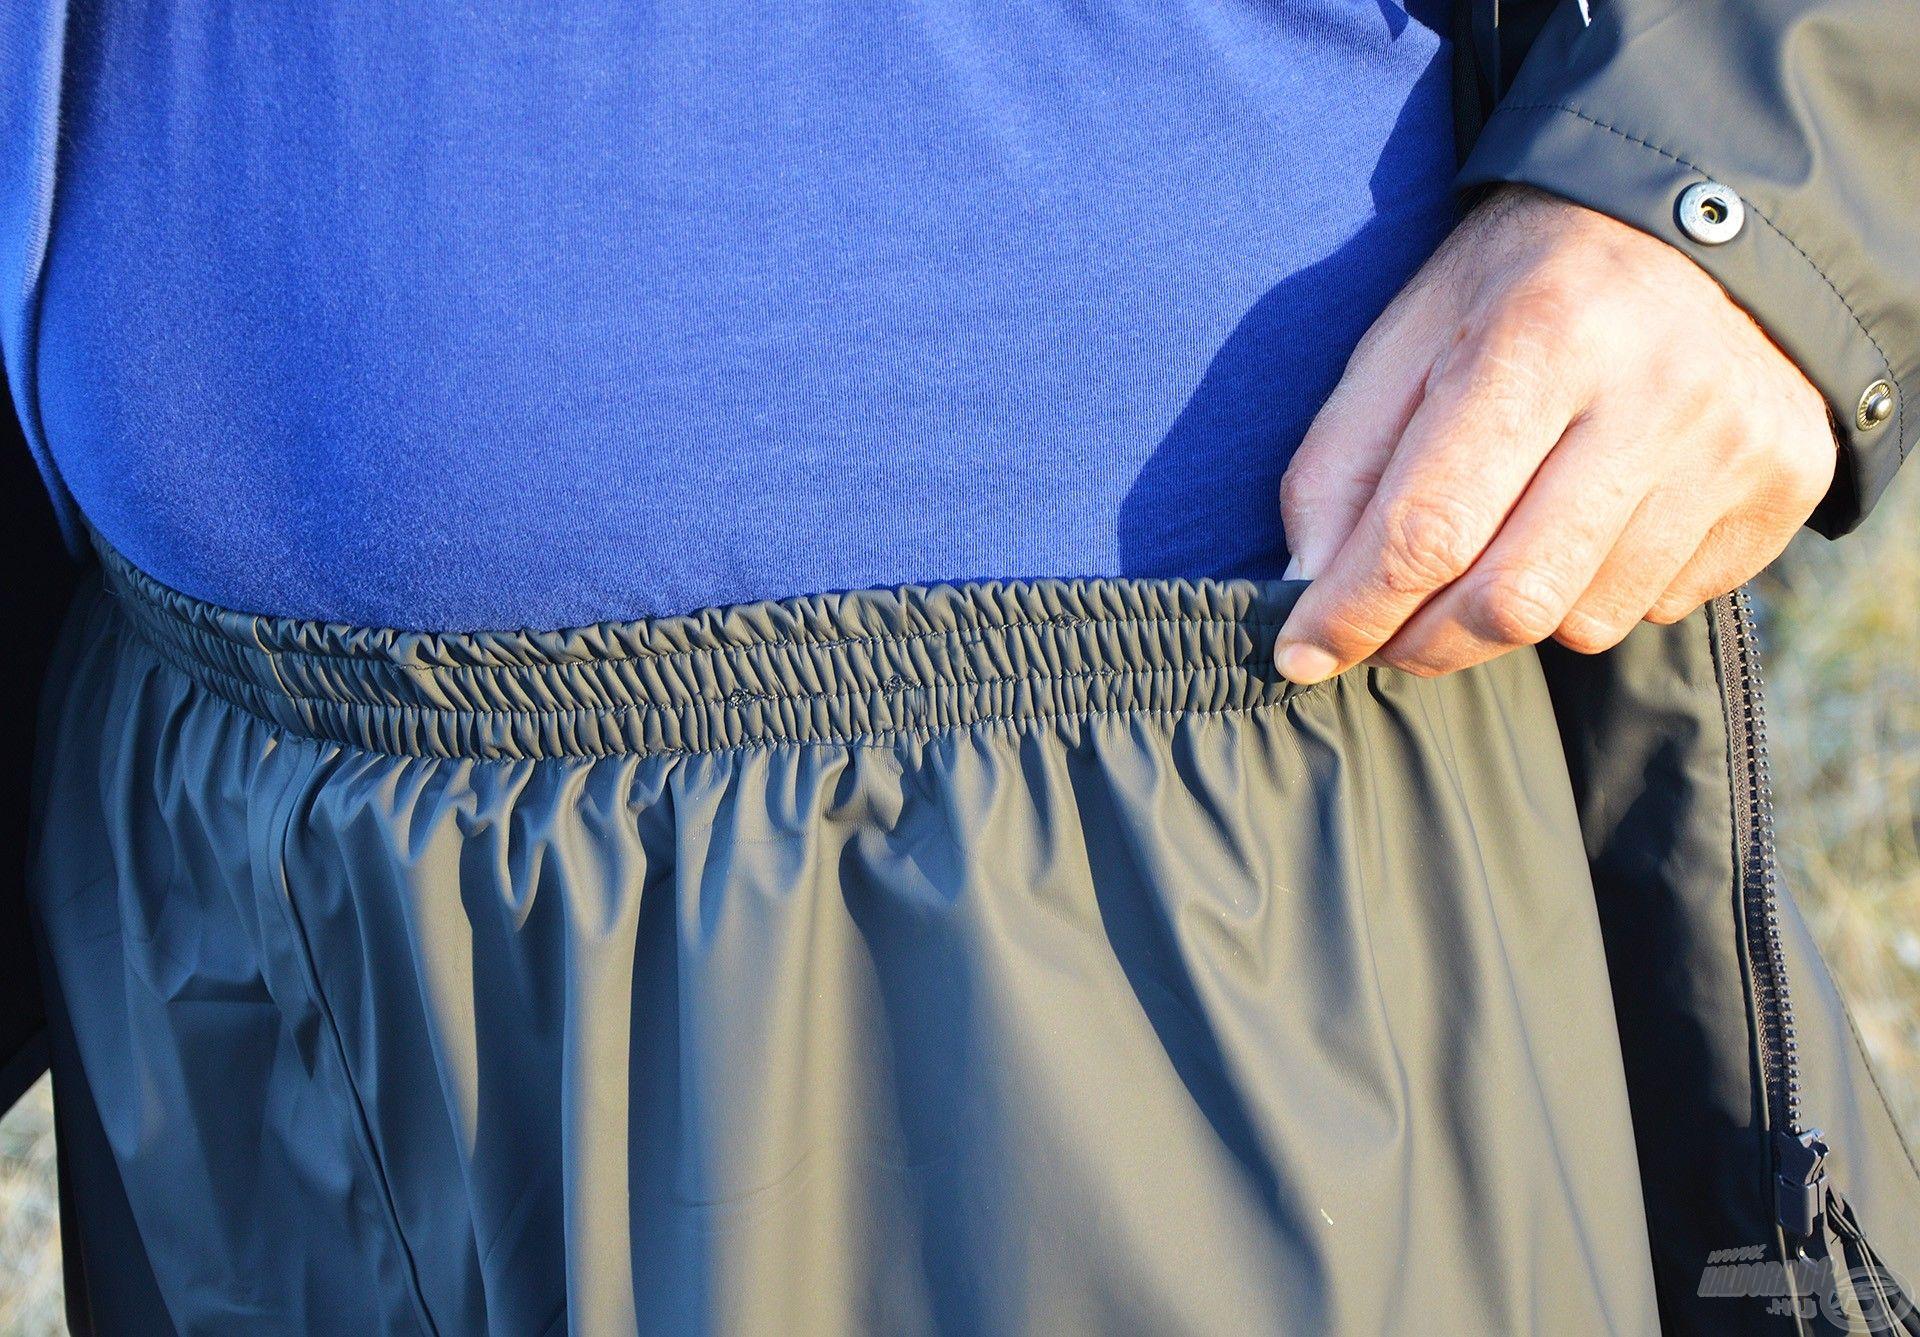 Az esőnadrág gumírozott derékrésze biztosítja a ruhadarab stabilitását